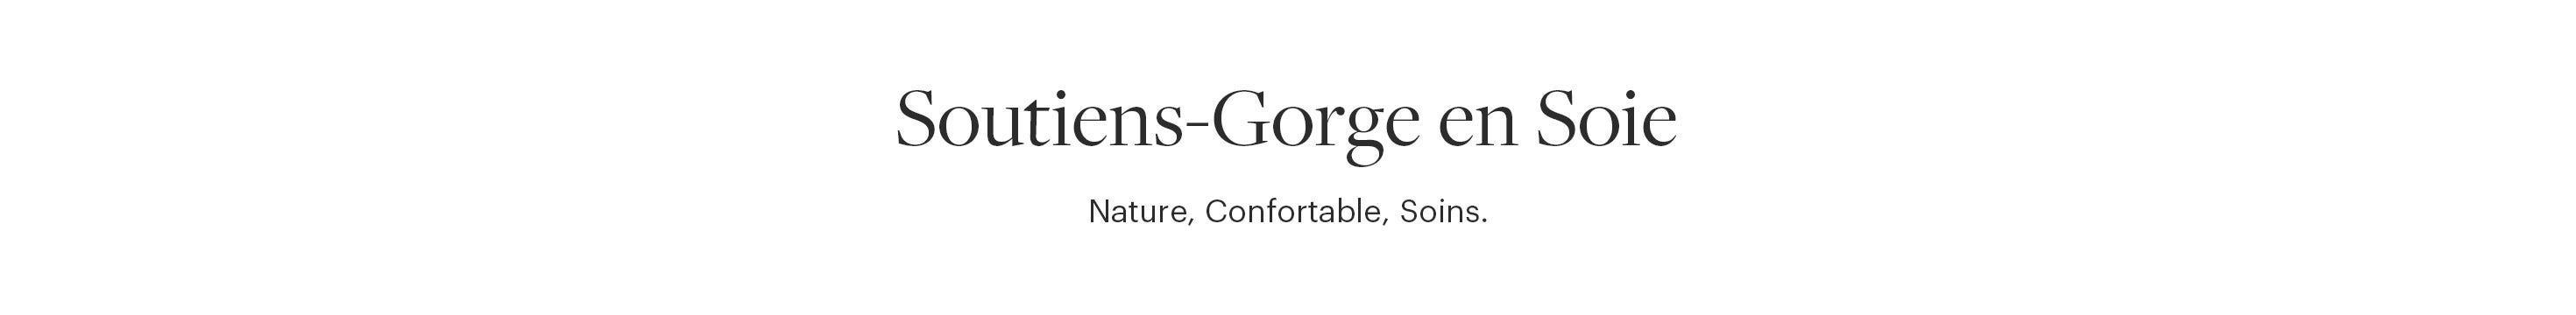 Soutien Gorge en Soie